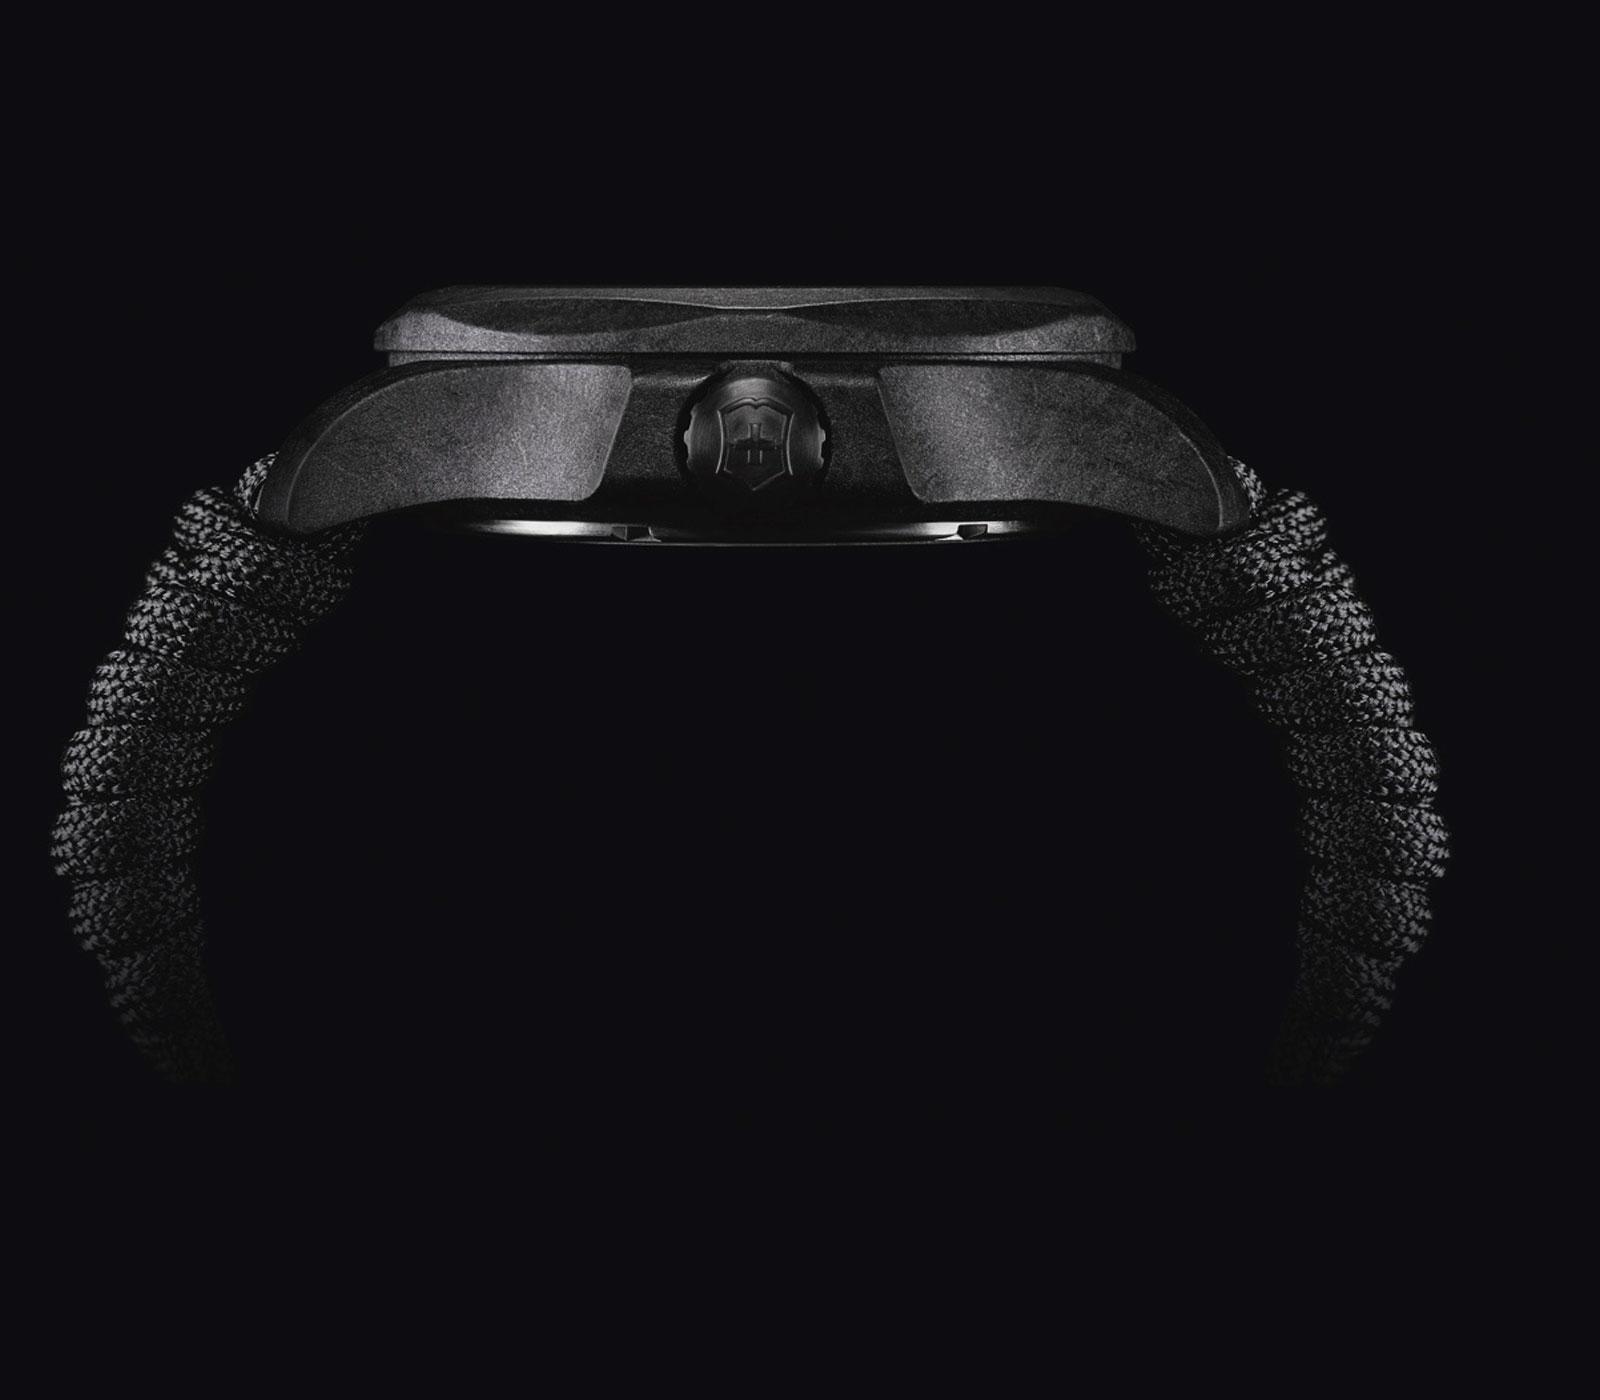 Il suo aspetto nero opaco e compatto, con leggere venature marmorizzate